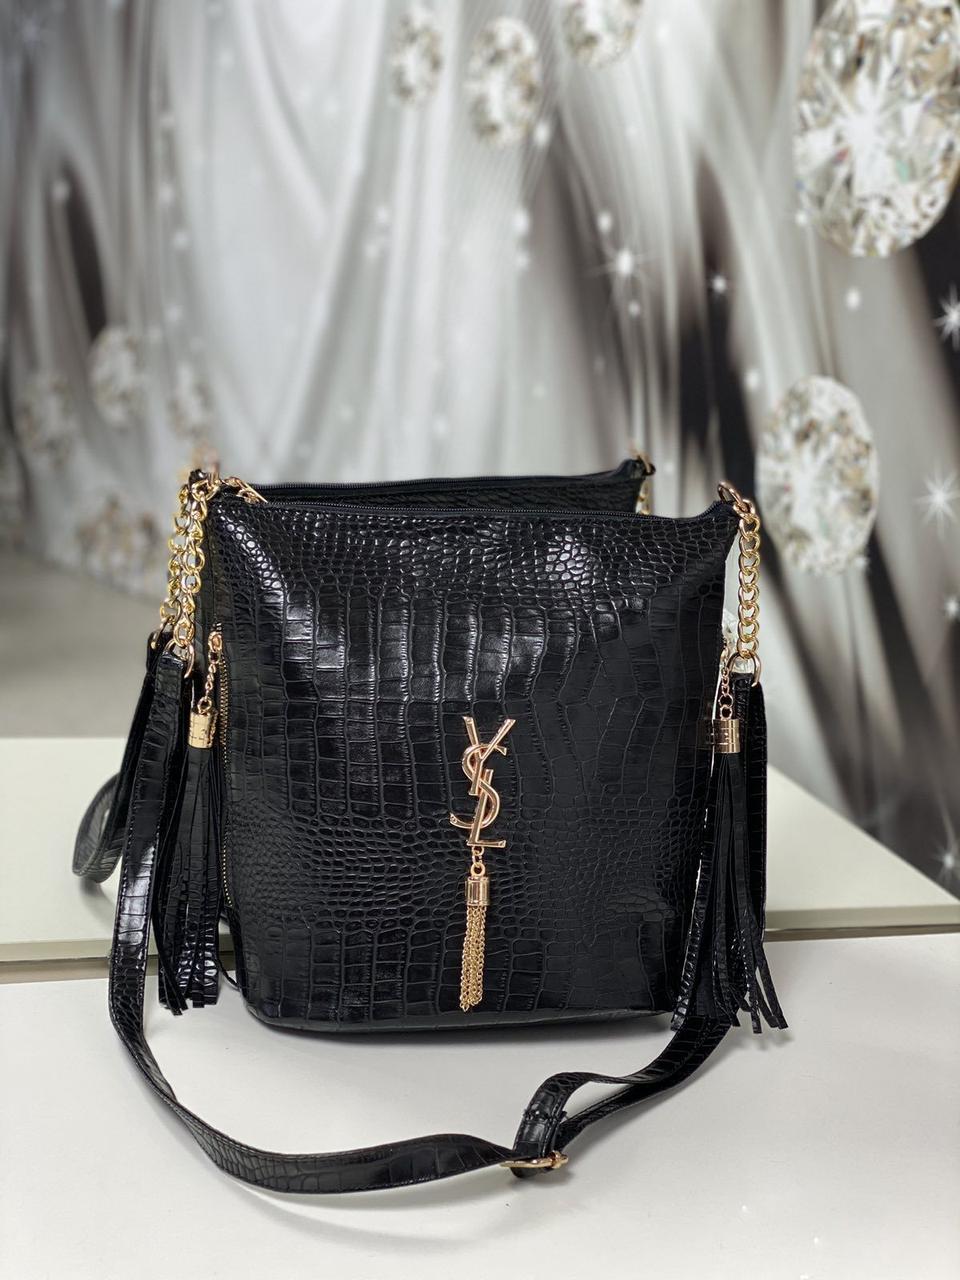 Женская сумка мешок на плечо вместительная черная модная с кисточками под рептилию экокожа